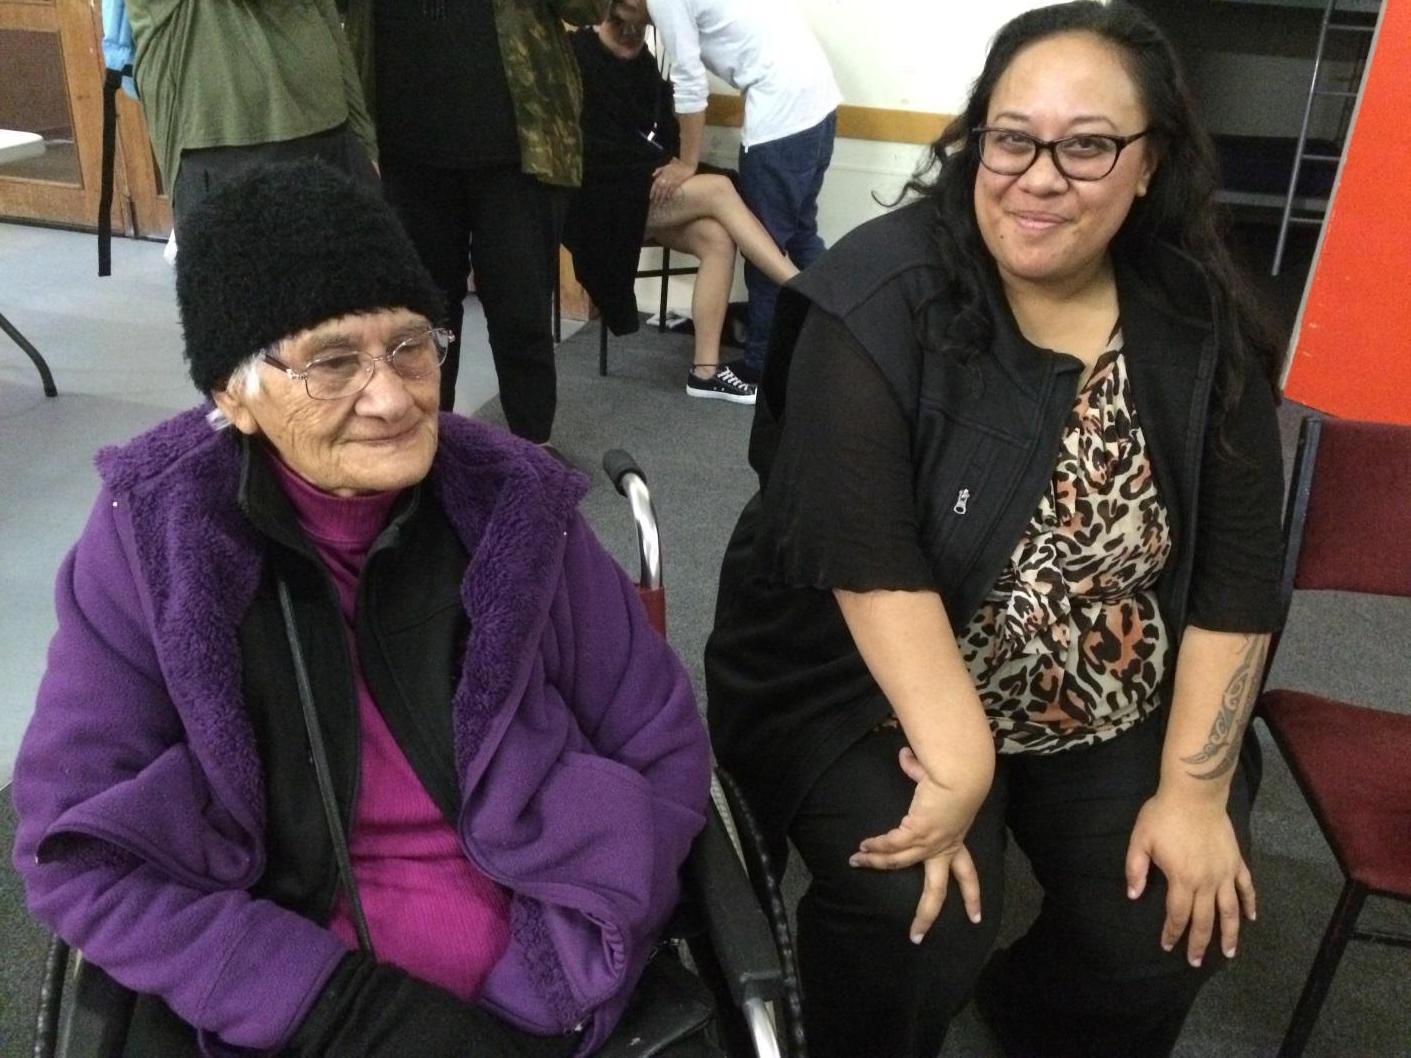 Taua Kiwa Hutchens with Ariana Mataki-Wilson at the Hinetitama Workshop